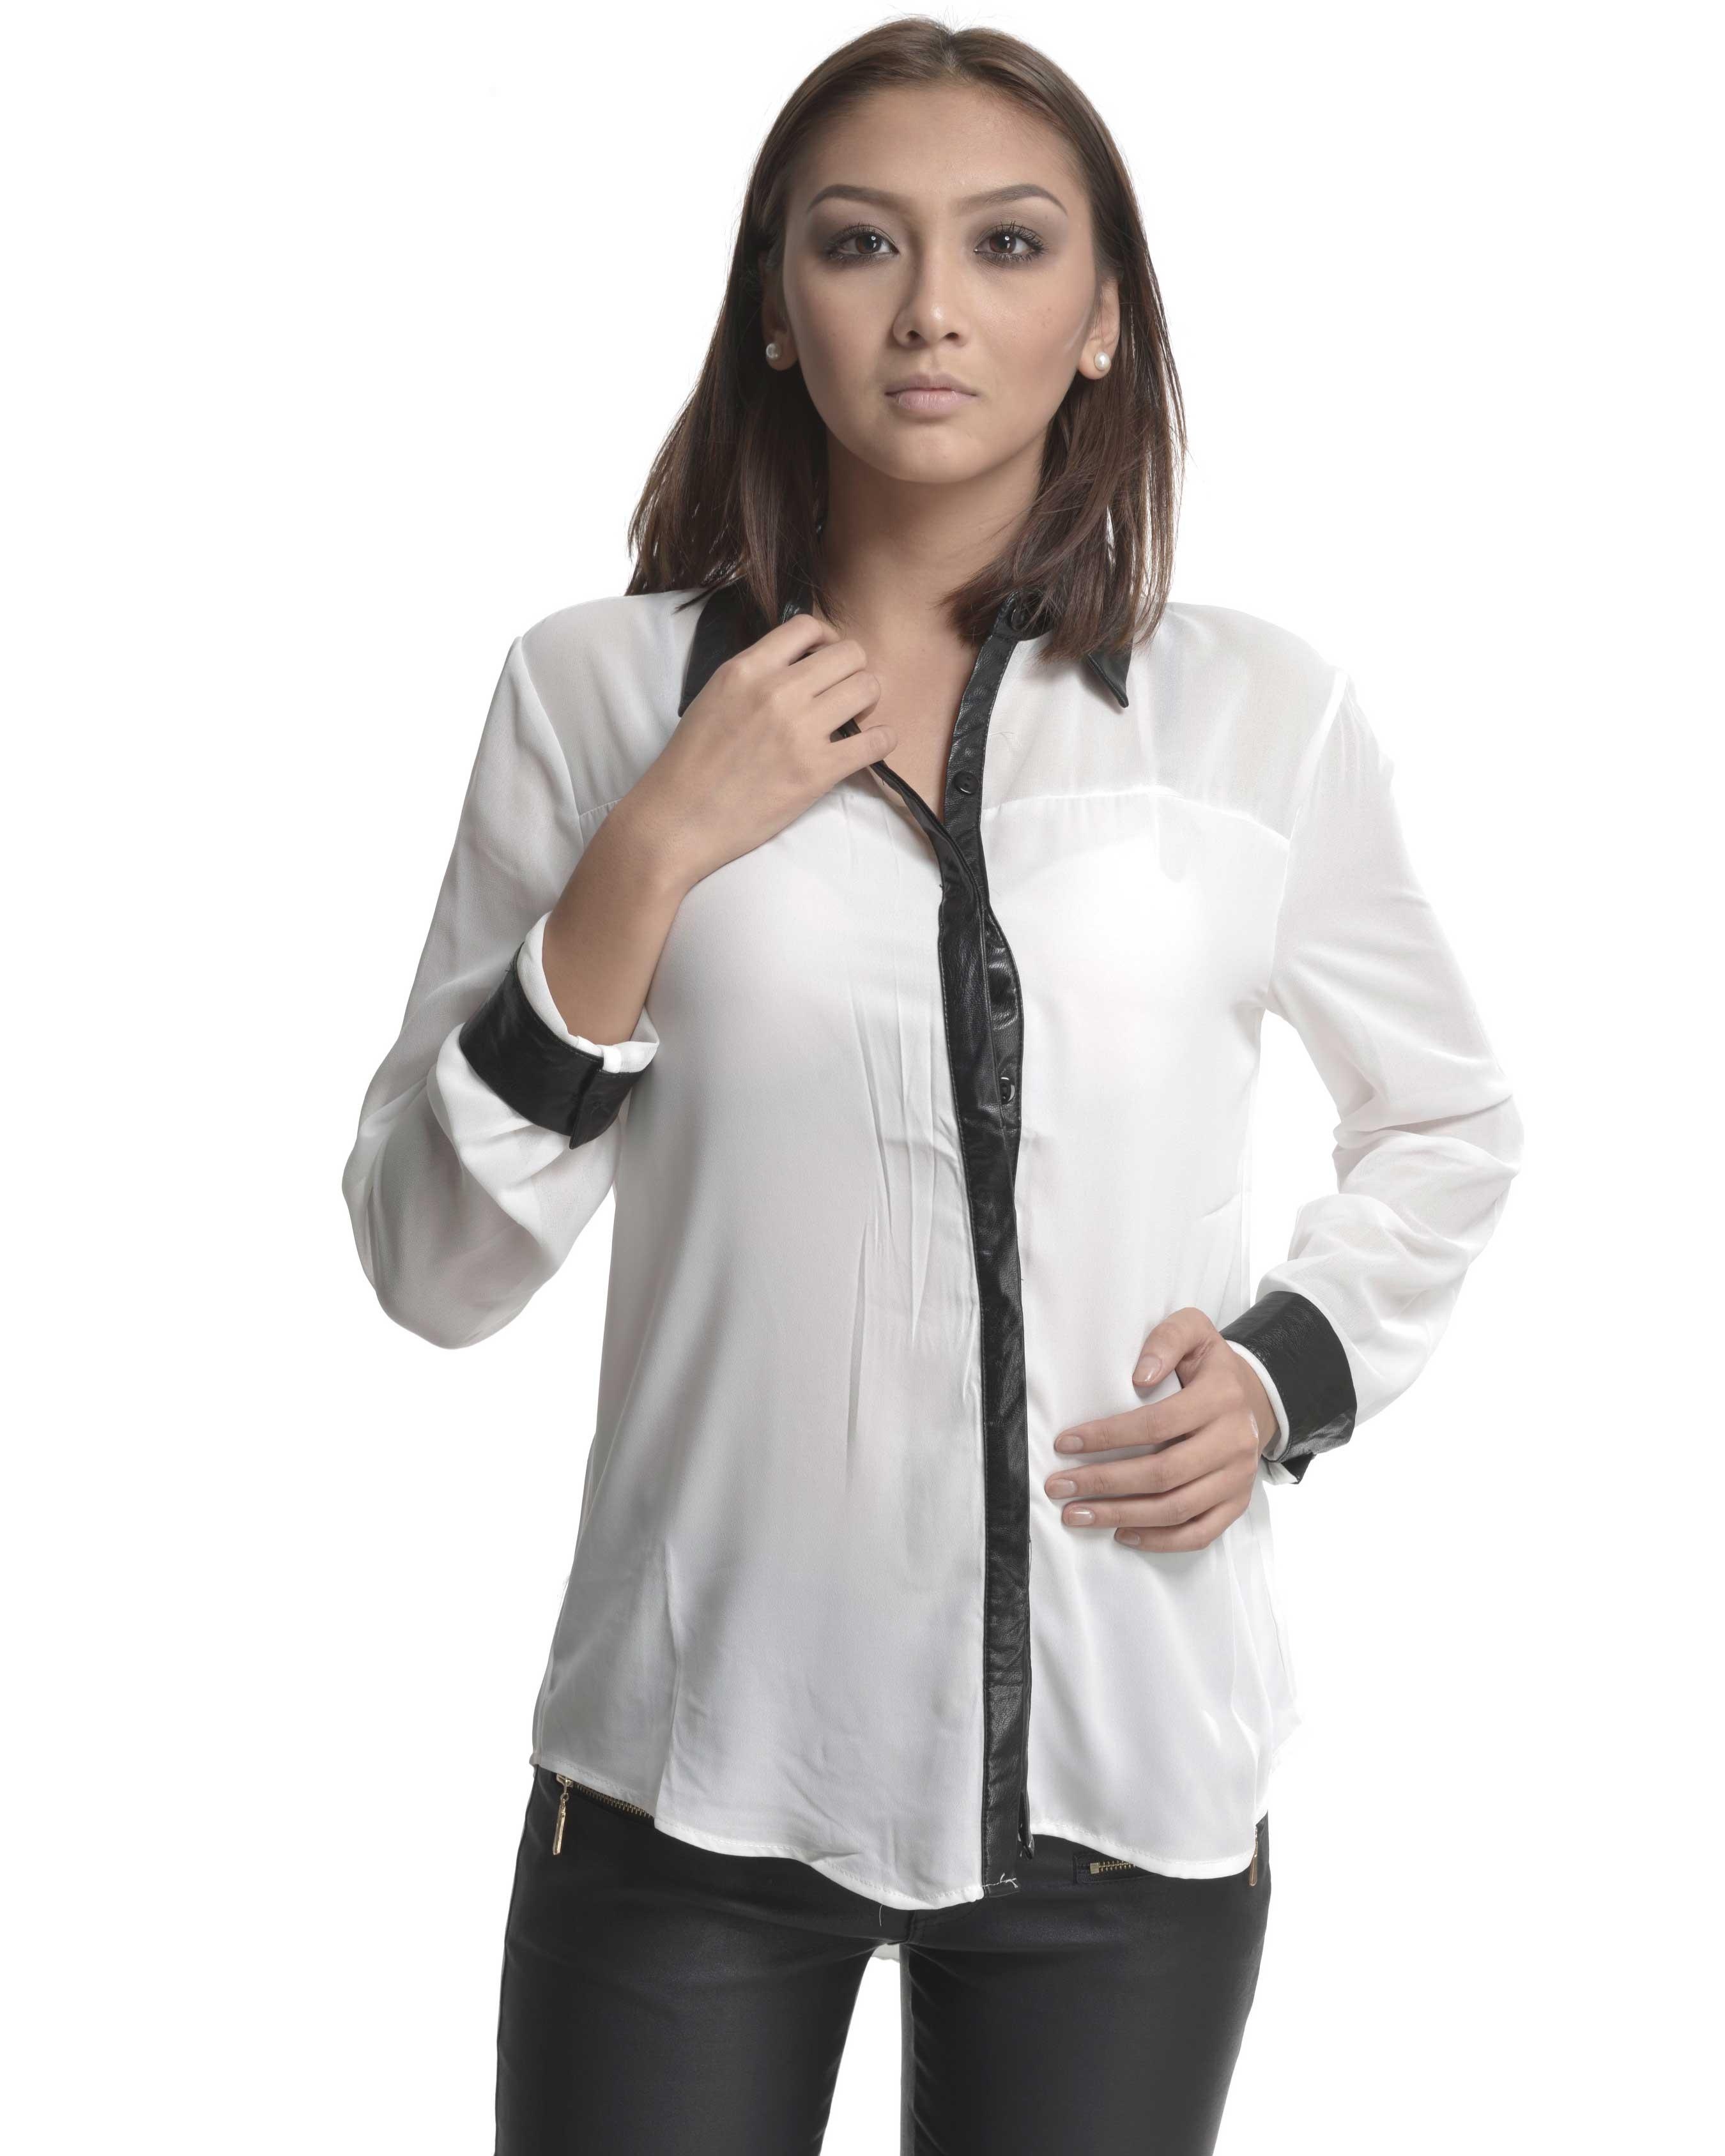 Je veux trouver une belle chemise femme et agréable à porter pas cher ICI  Chemise noir et blanche femme 6e2c0c6febc2